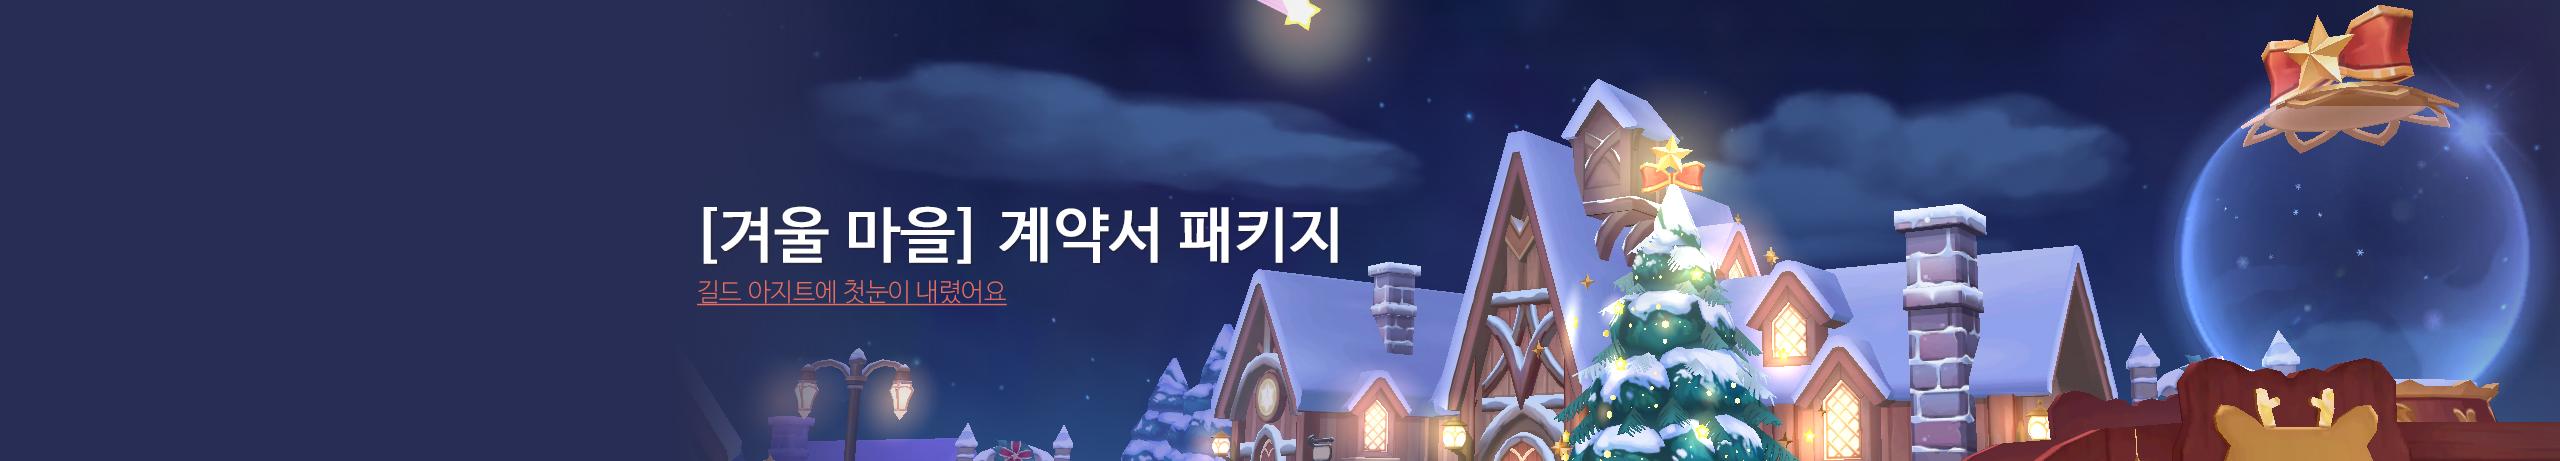 [겨울 마을] 계약서 패키지